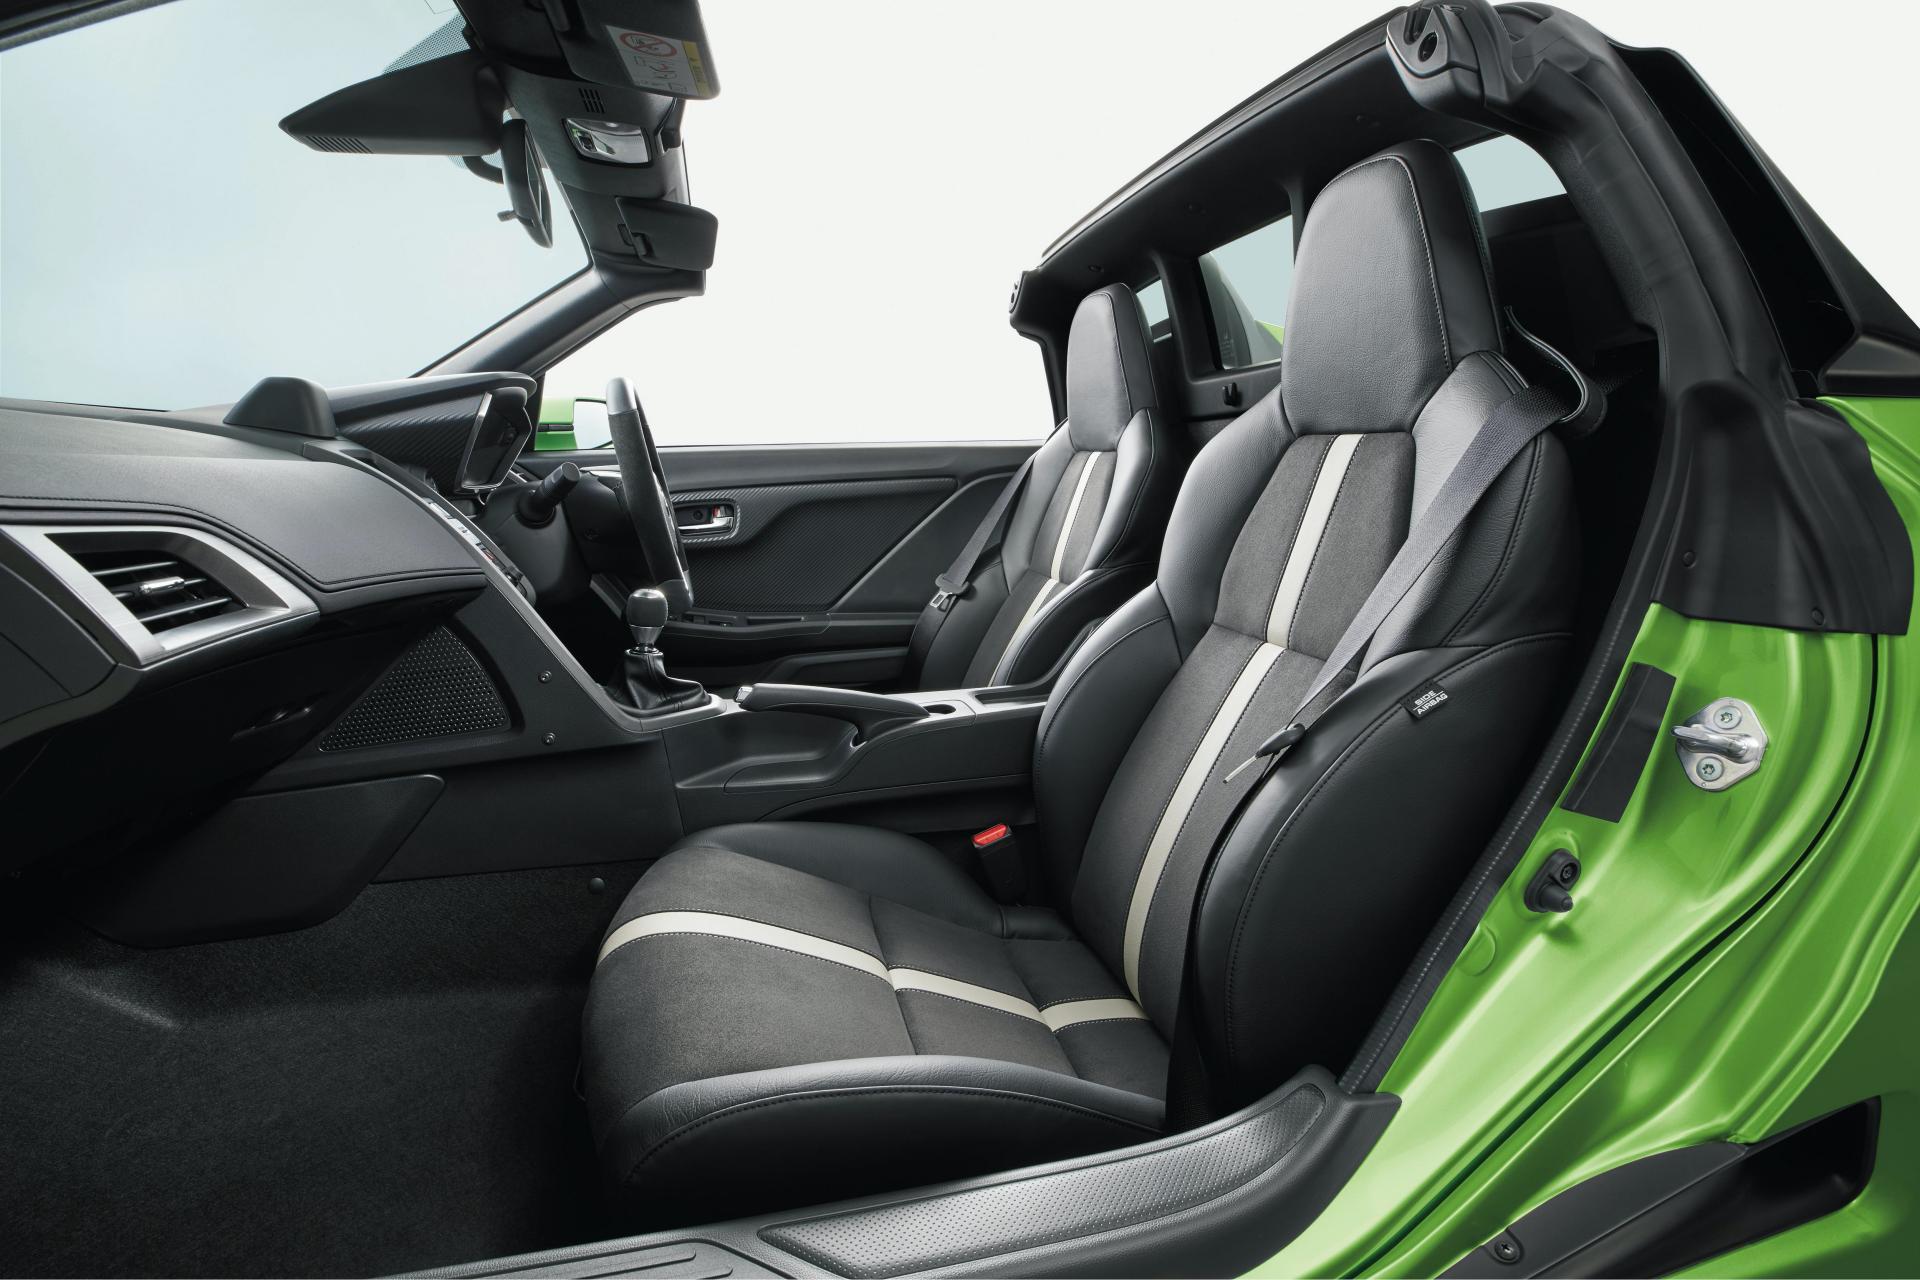 2020_Honda_S660_facelift_0006